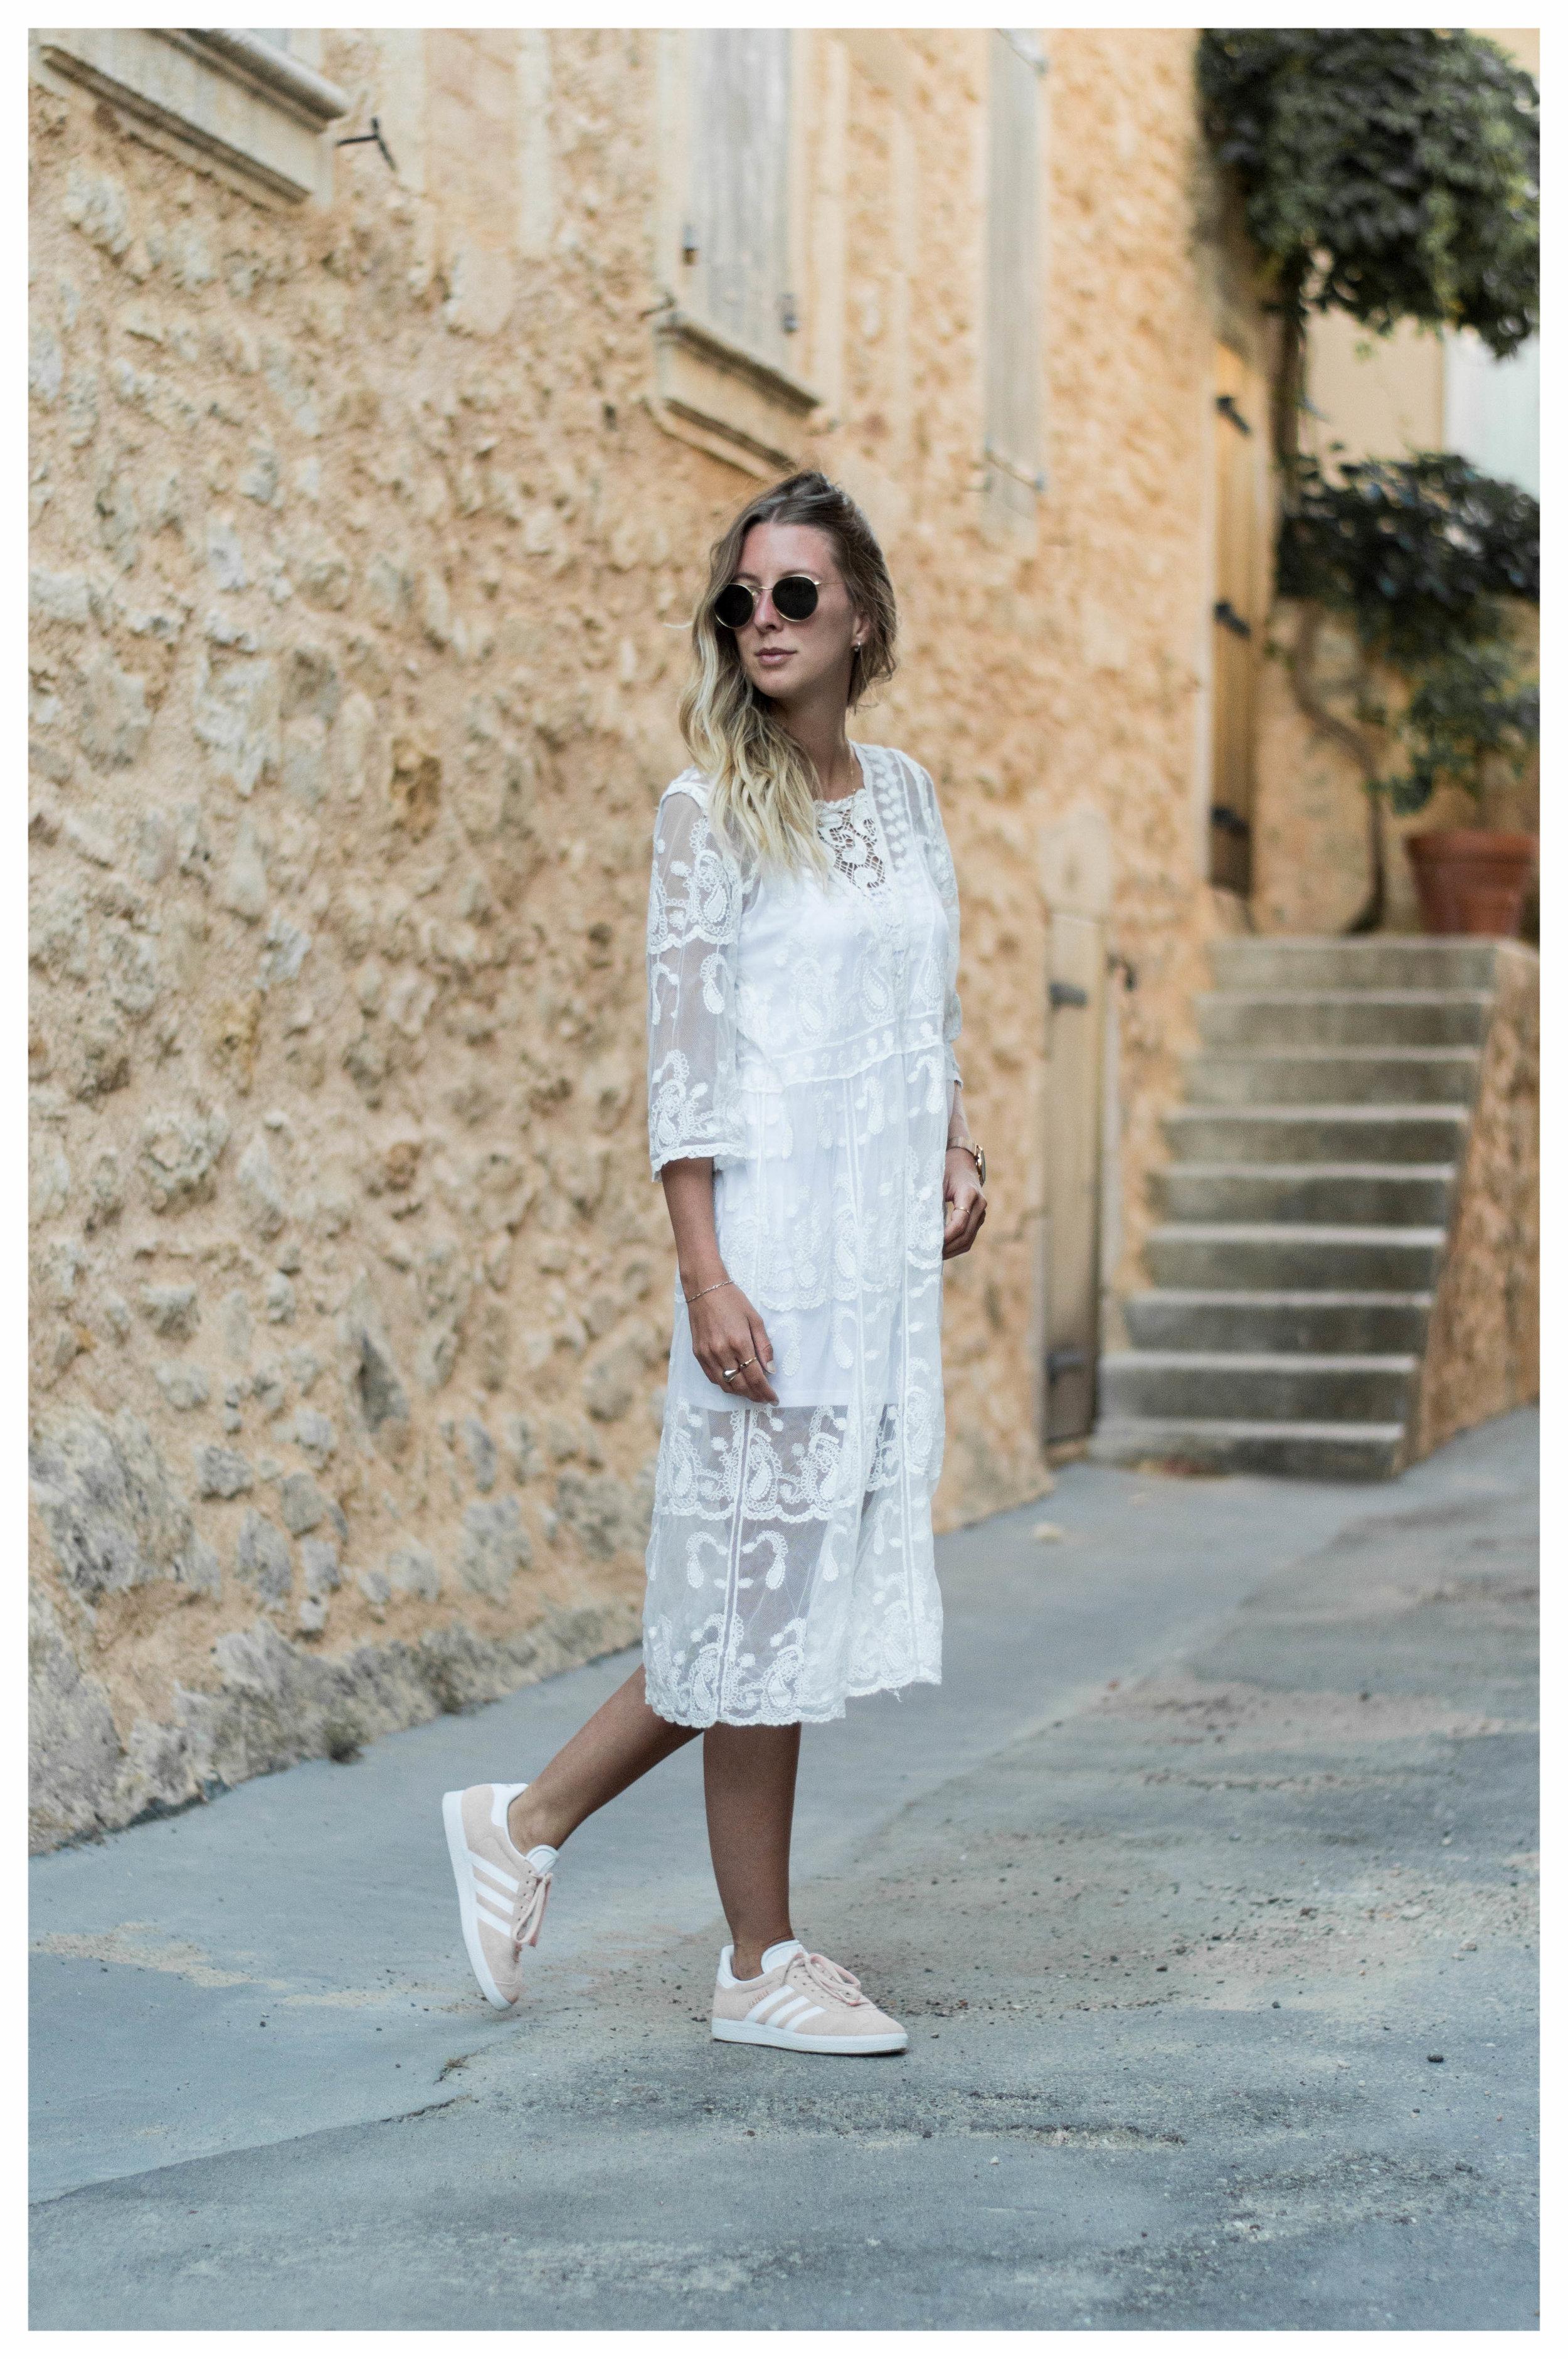 Cornillon White Dress June - OSIARAH.COM (15 of 27).jpg